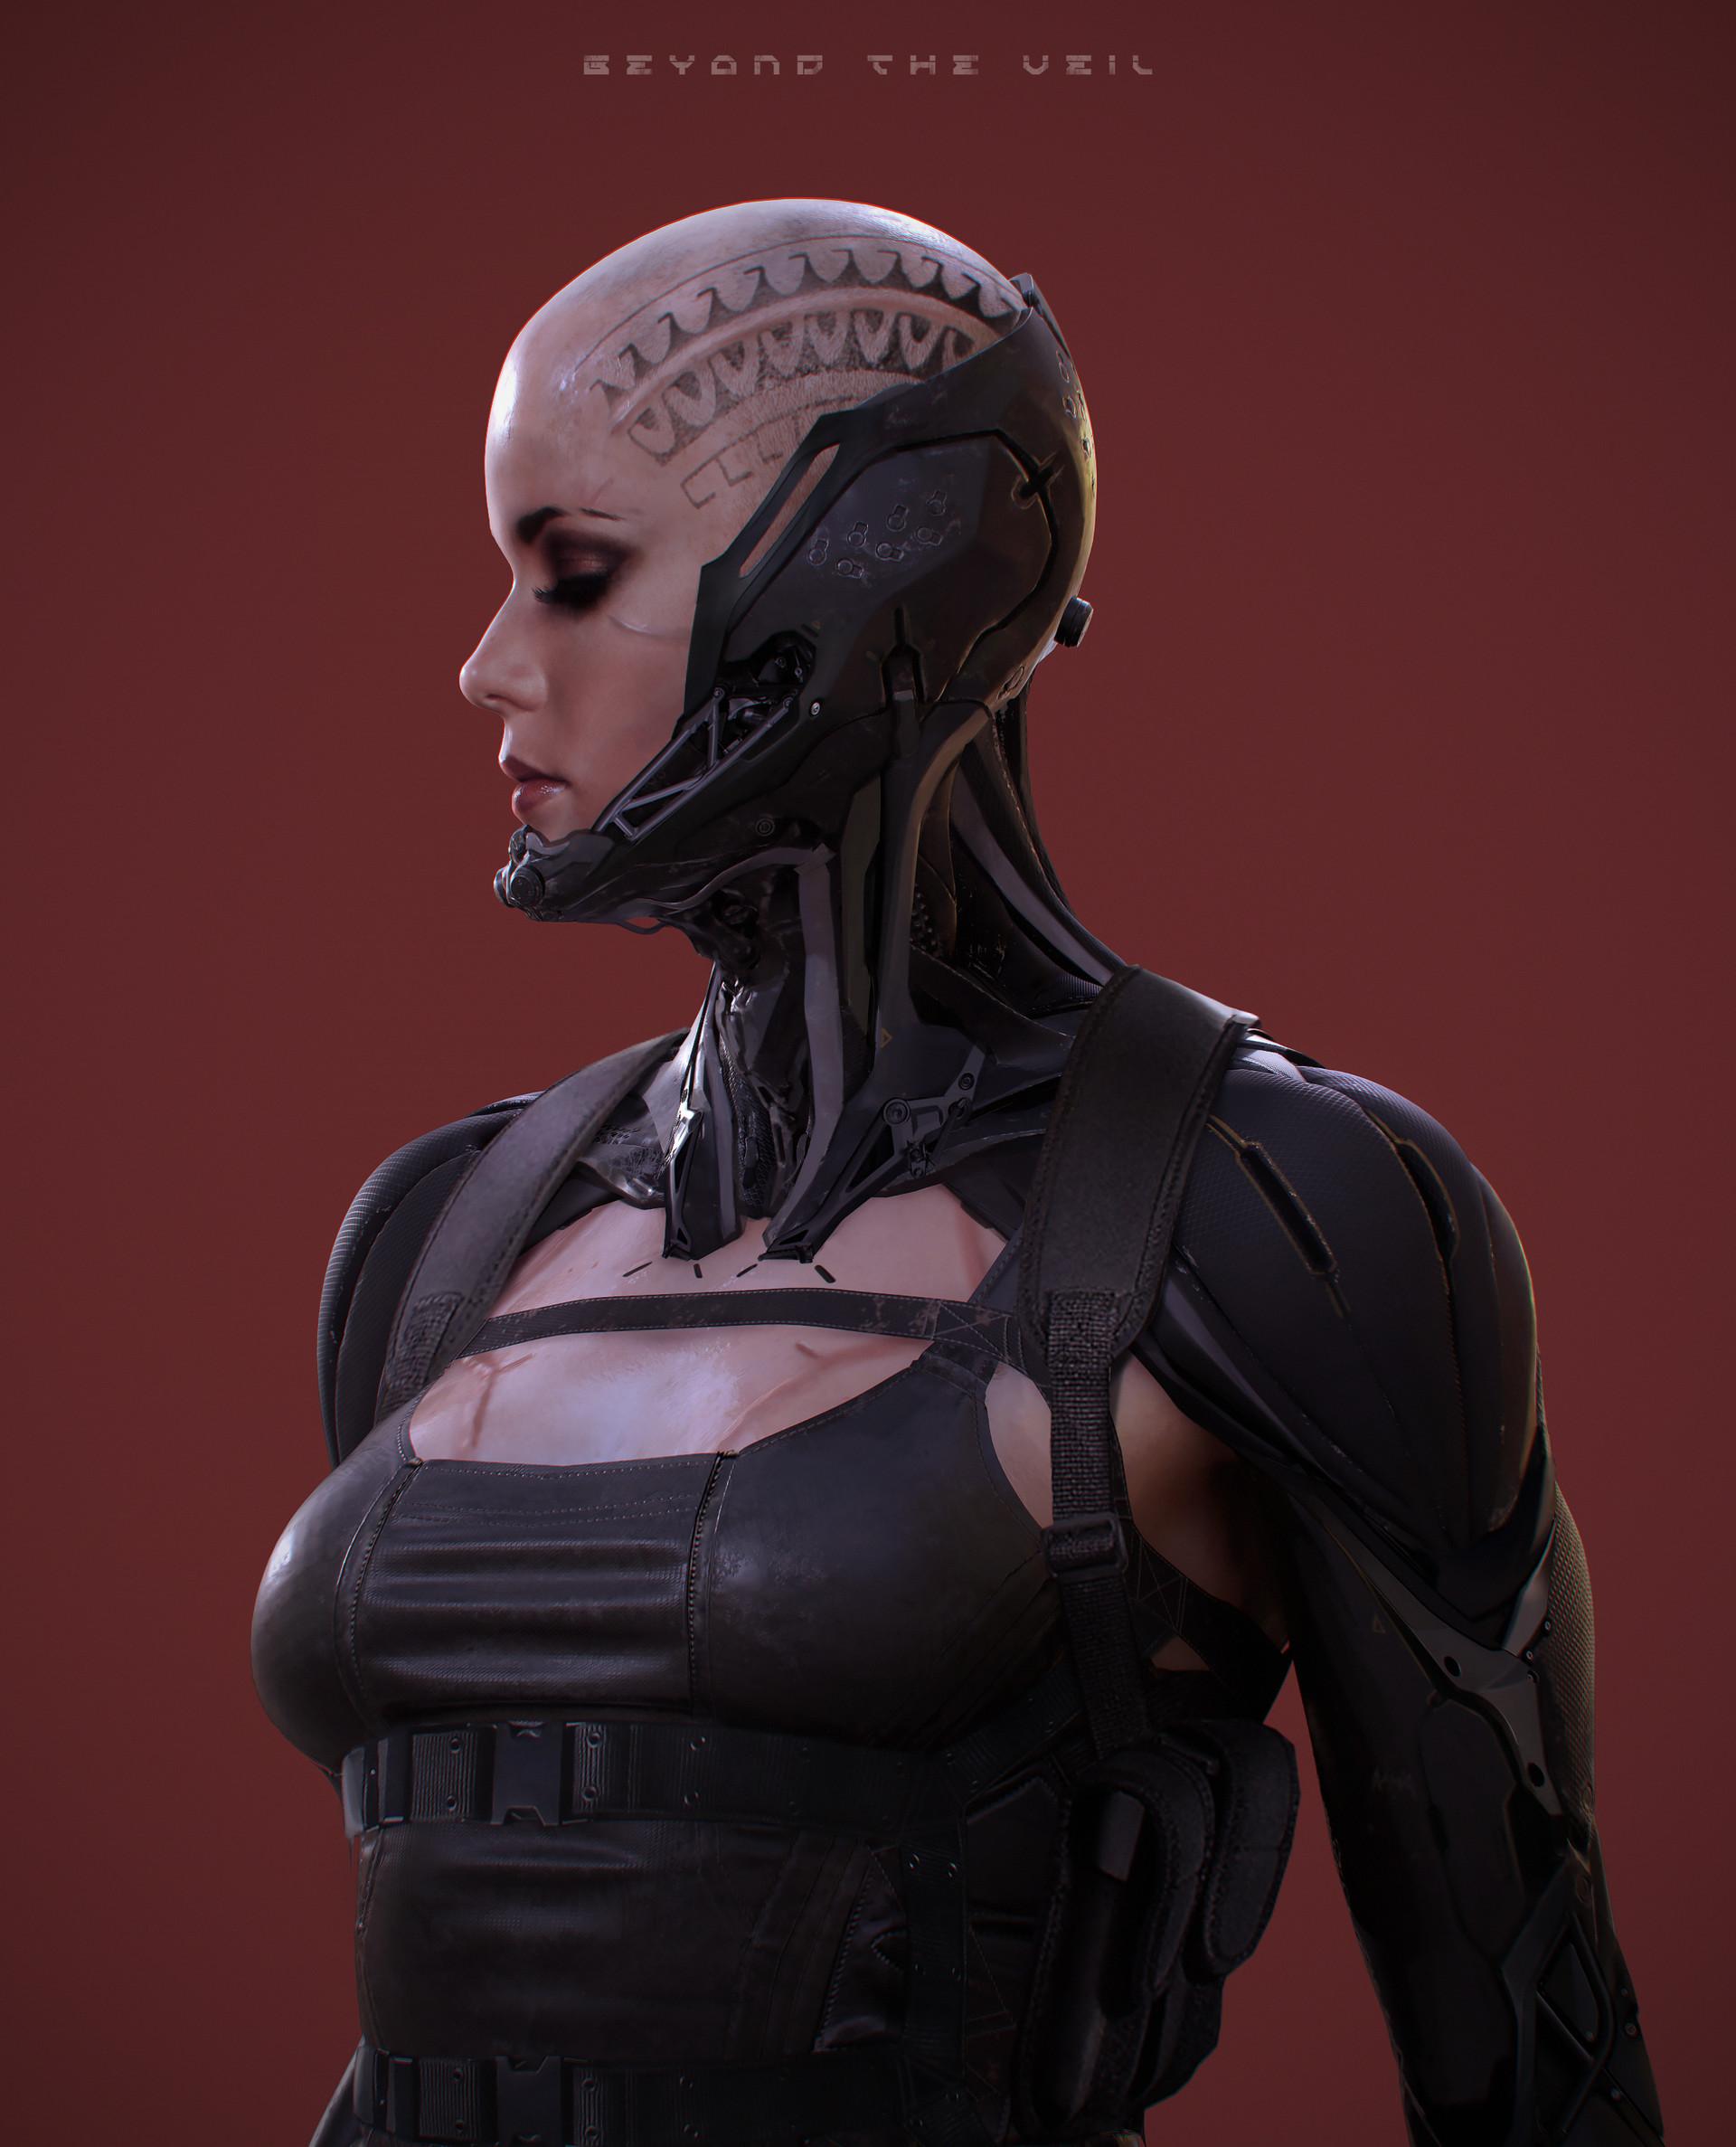 Soufiane idrassi sci fi girl copy